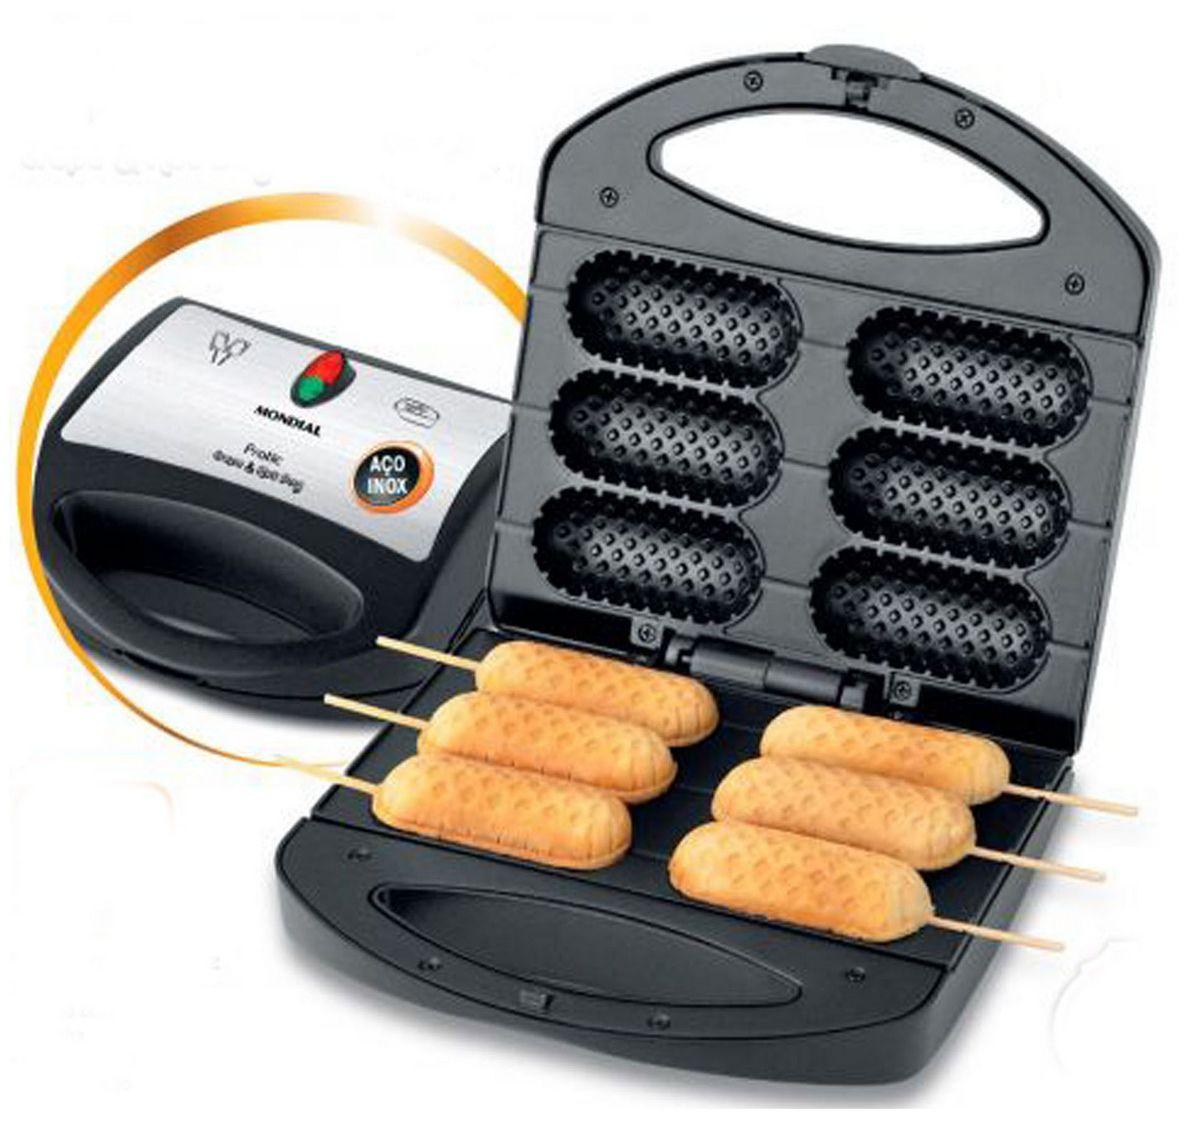 Crepeira Elétrica Mondial Pratic Crepe Hot Dog  Inox Original Lançamento